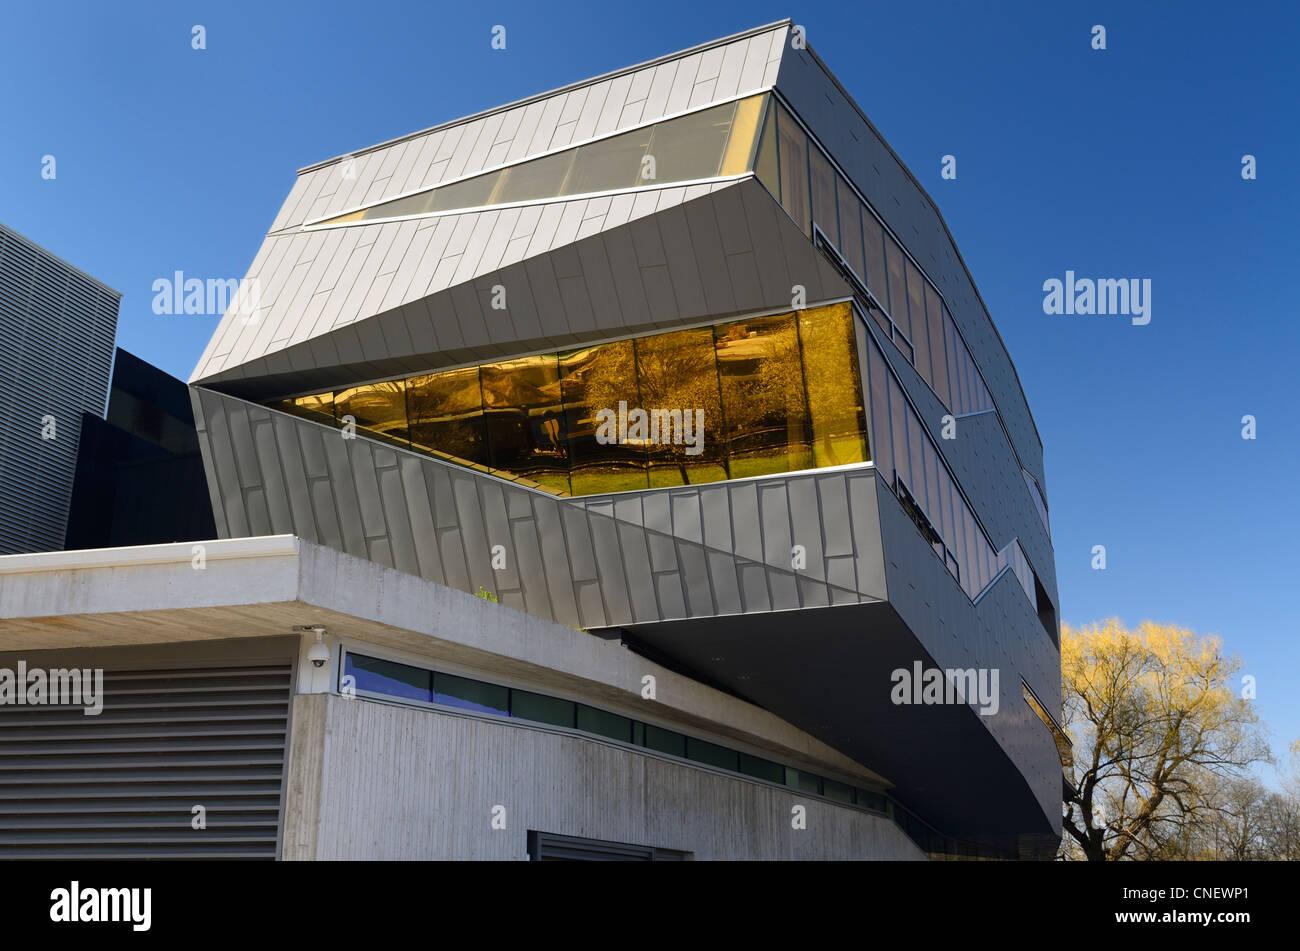 Architettura futuristica del Perimeter Institute di fisica teorica ricerca edificio che riflette la storica waterloo Immagini Stock